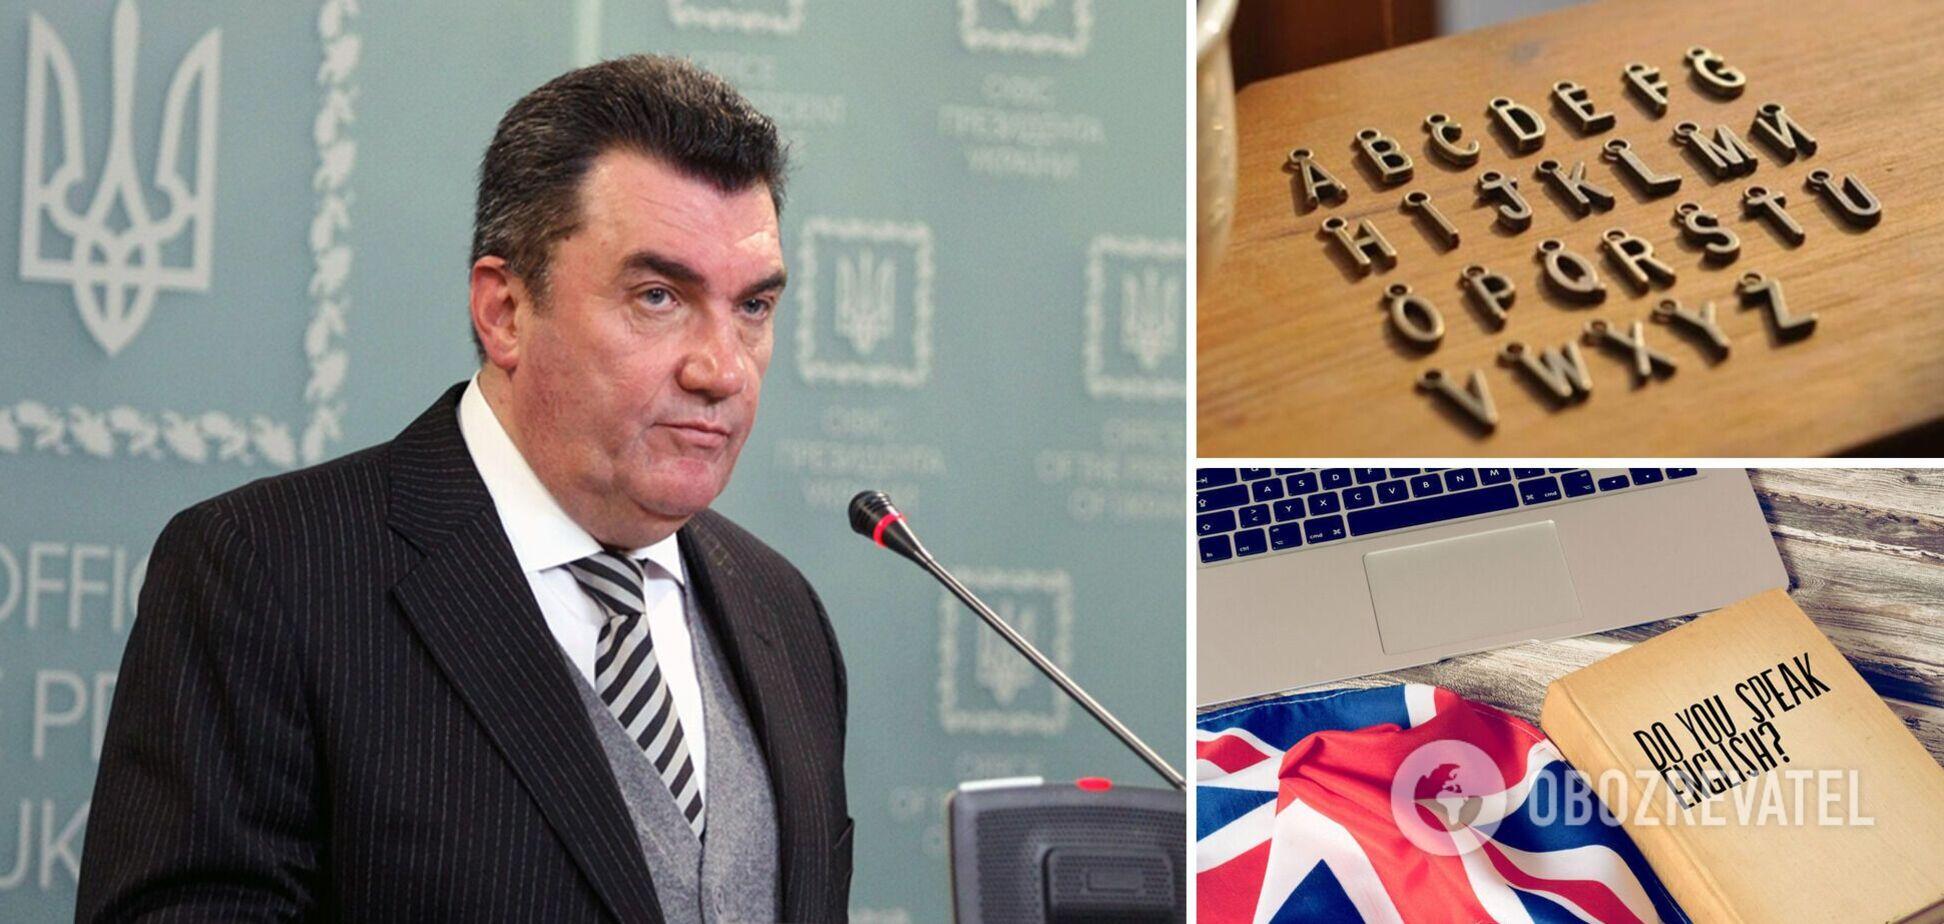 Данілов виступив за перехід України на латиницю й обов'язкове вивчення англійської мови